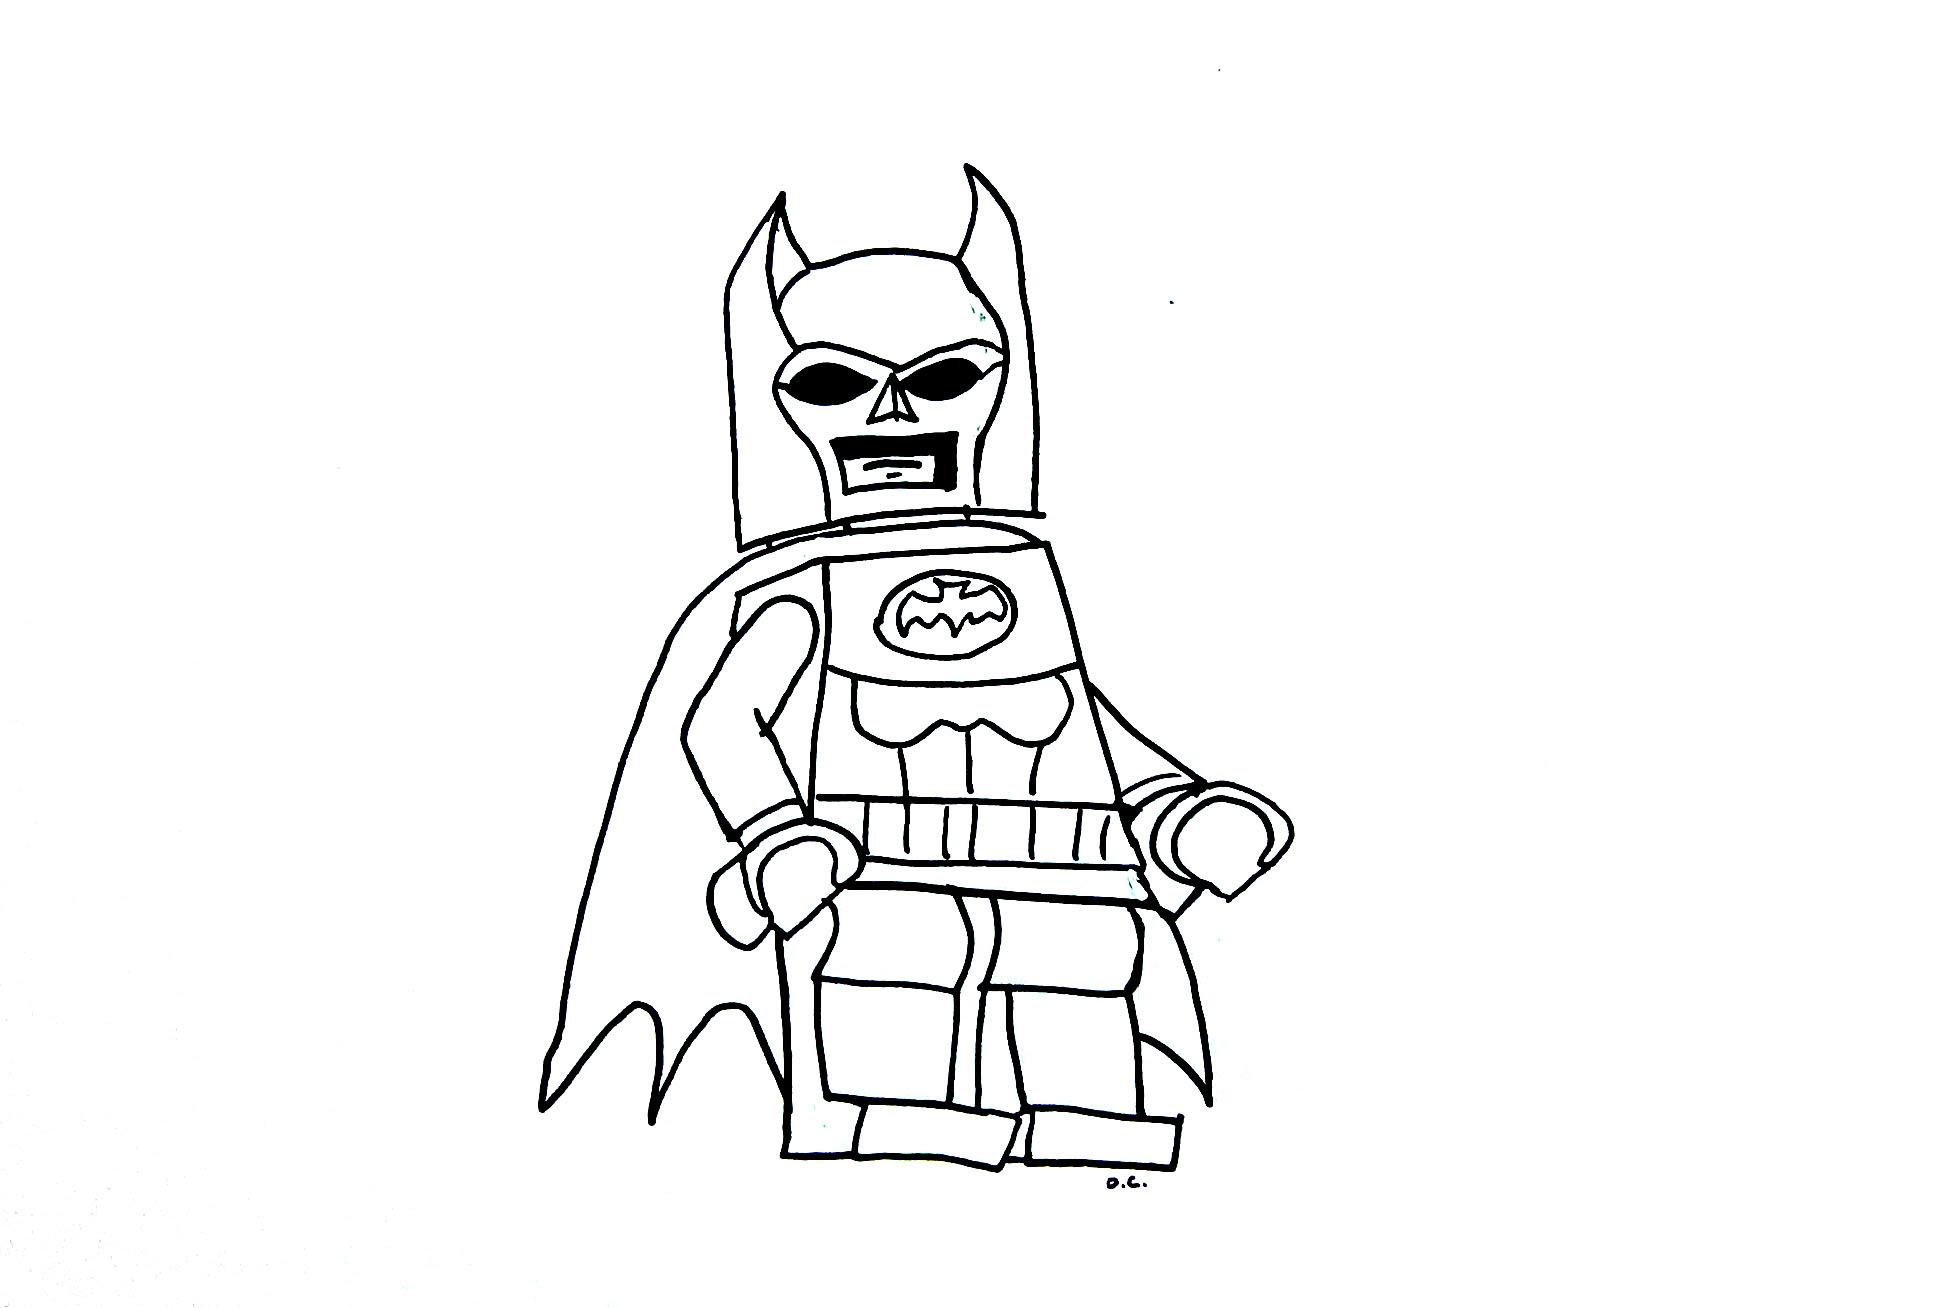 310 Dessins De Coloriage Batman à Imprimer Sur Laguerchecom Page 7